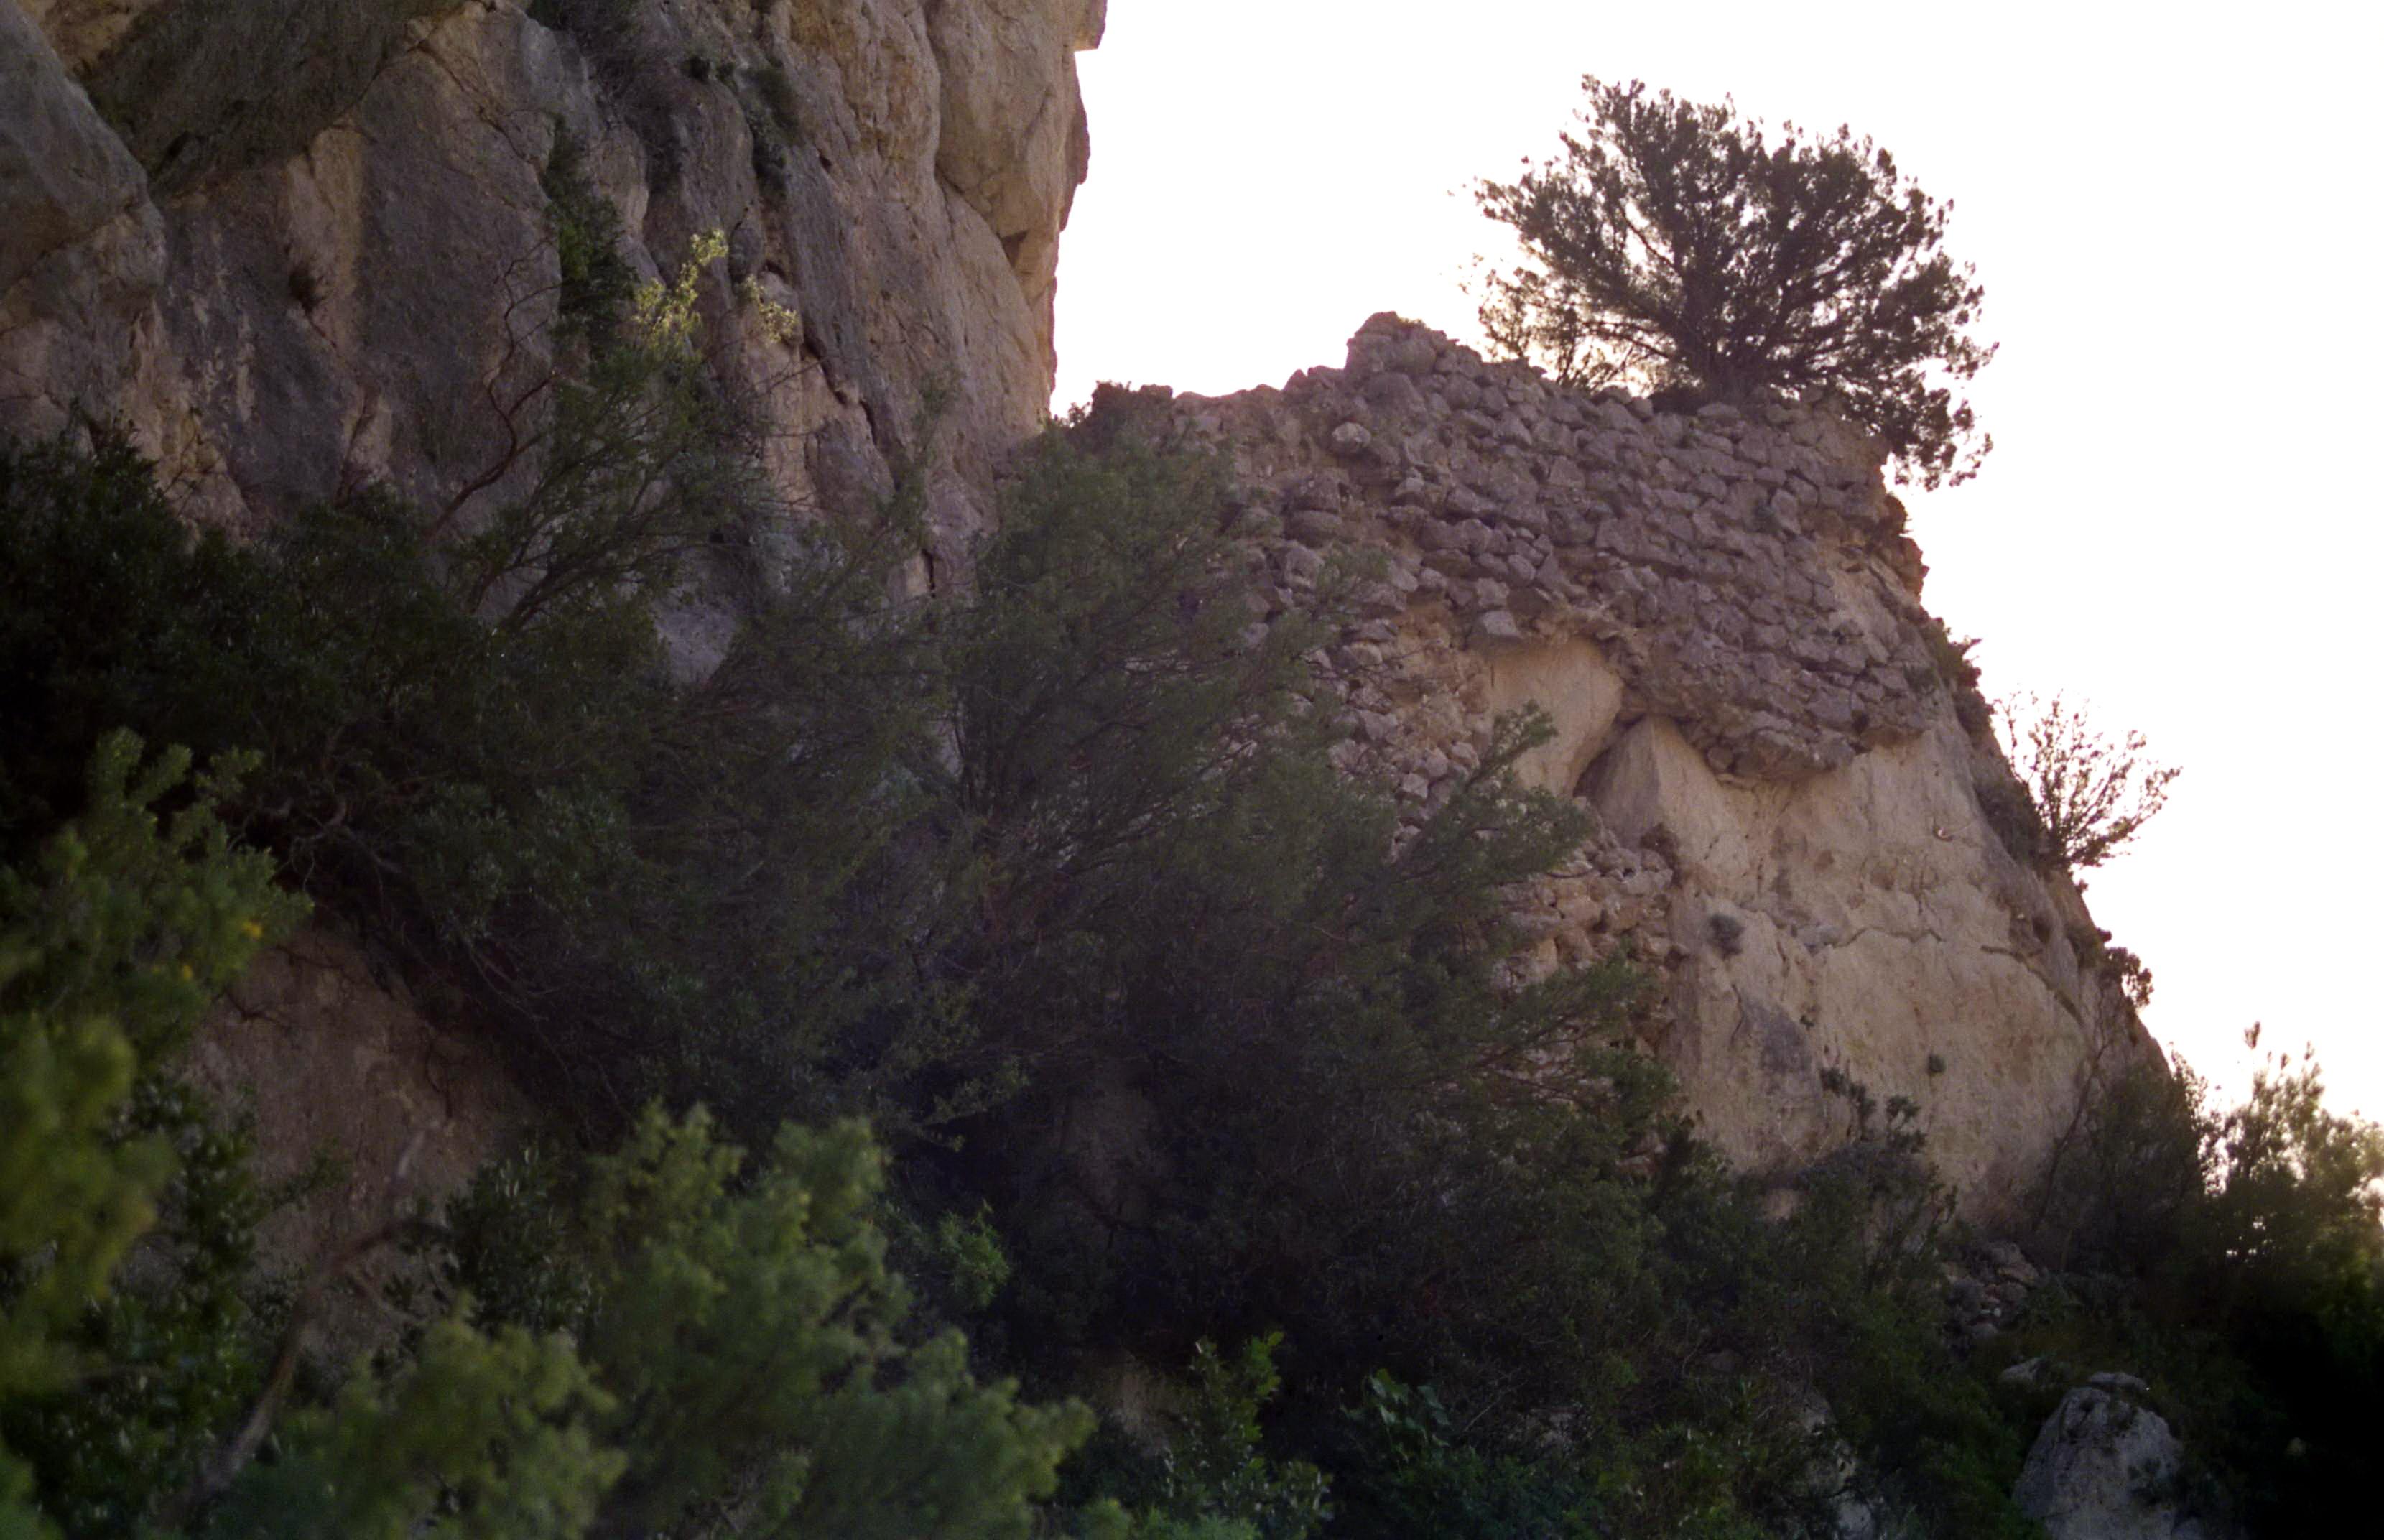 grotta-del-castiglione-ruderi-del-muro-di-protezione